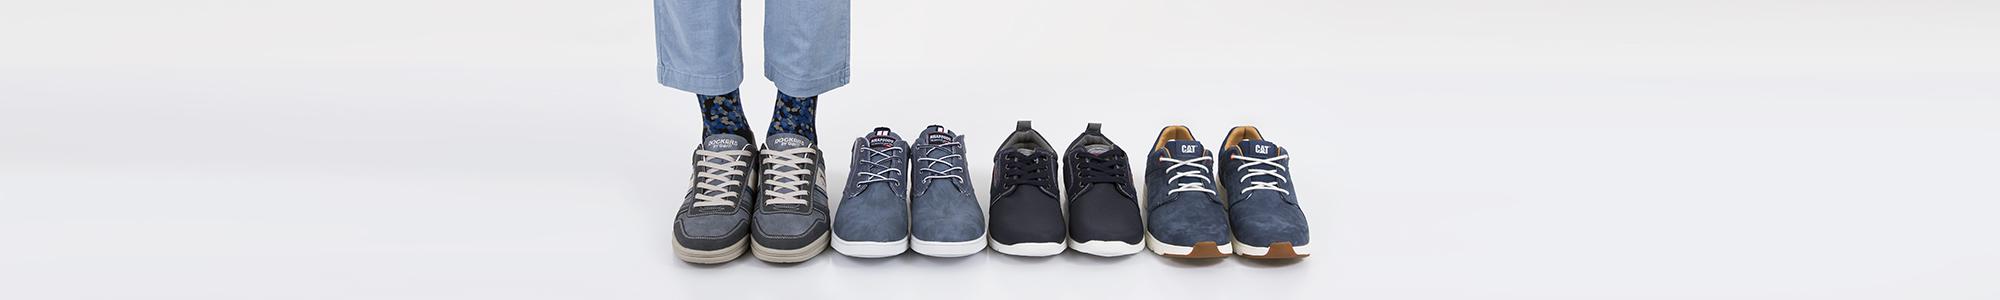 מבצעי נעלי גברים